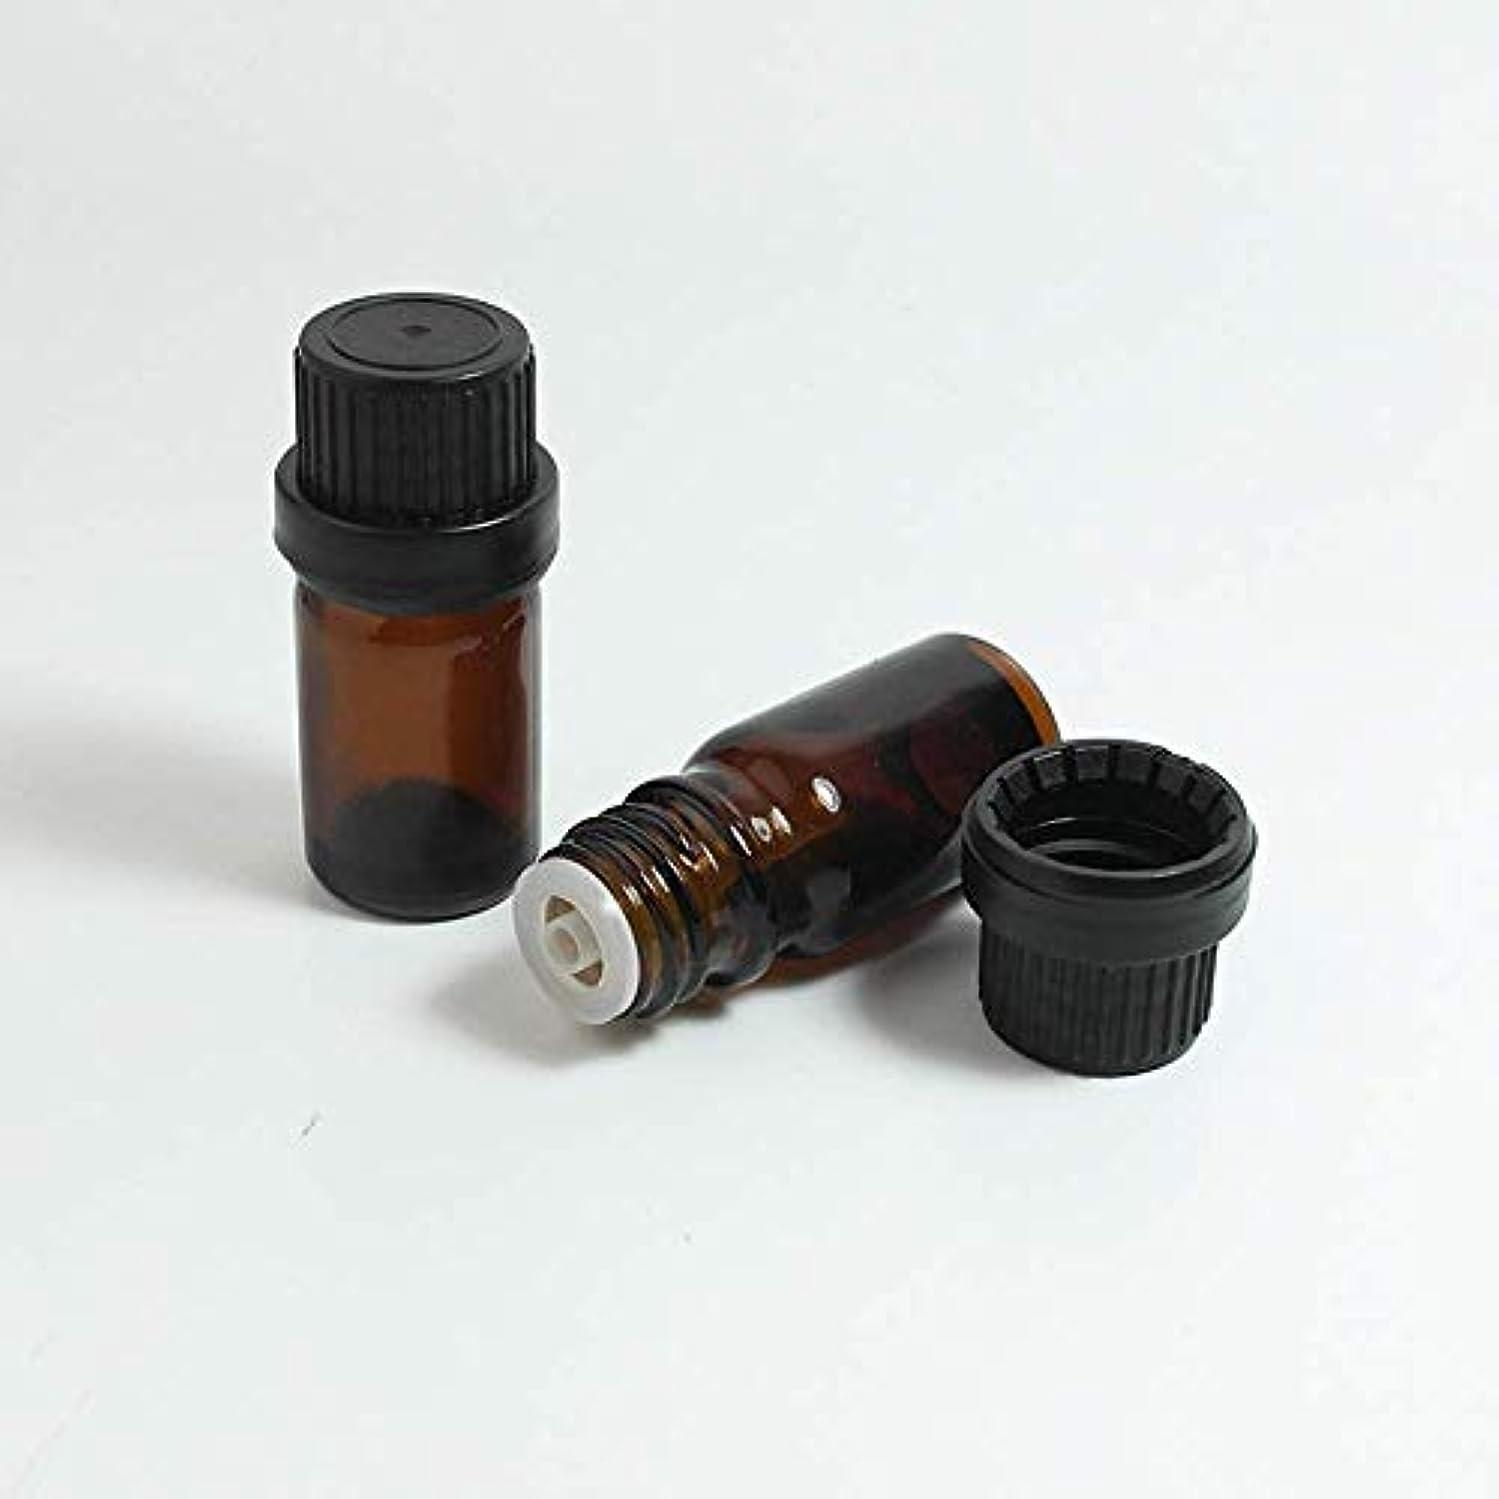 仕えるナース風変わりなSimg アロマオイル 精油 遮光瓶 セット ガラス製 エッセンシャルオイル 保存用 保存容器詰め替え 茶色 10ml 5本セット